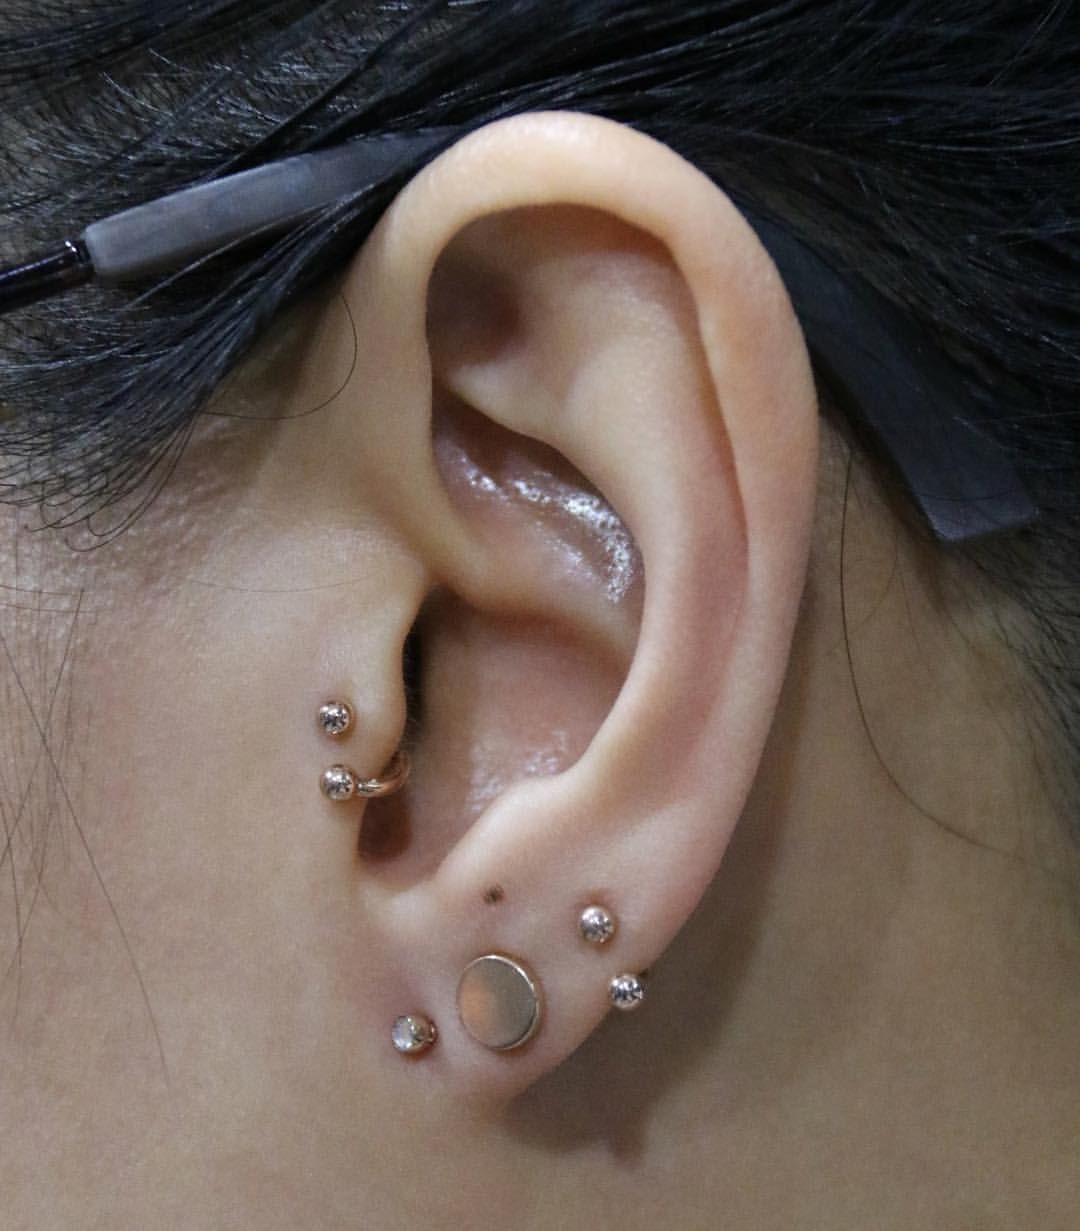 Nose piercing earrings  See this Instagram photo by industriebodypiercing u  likes